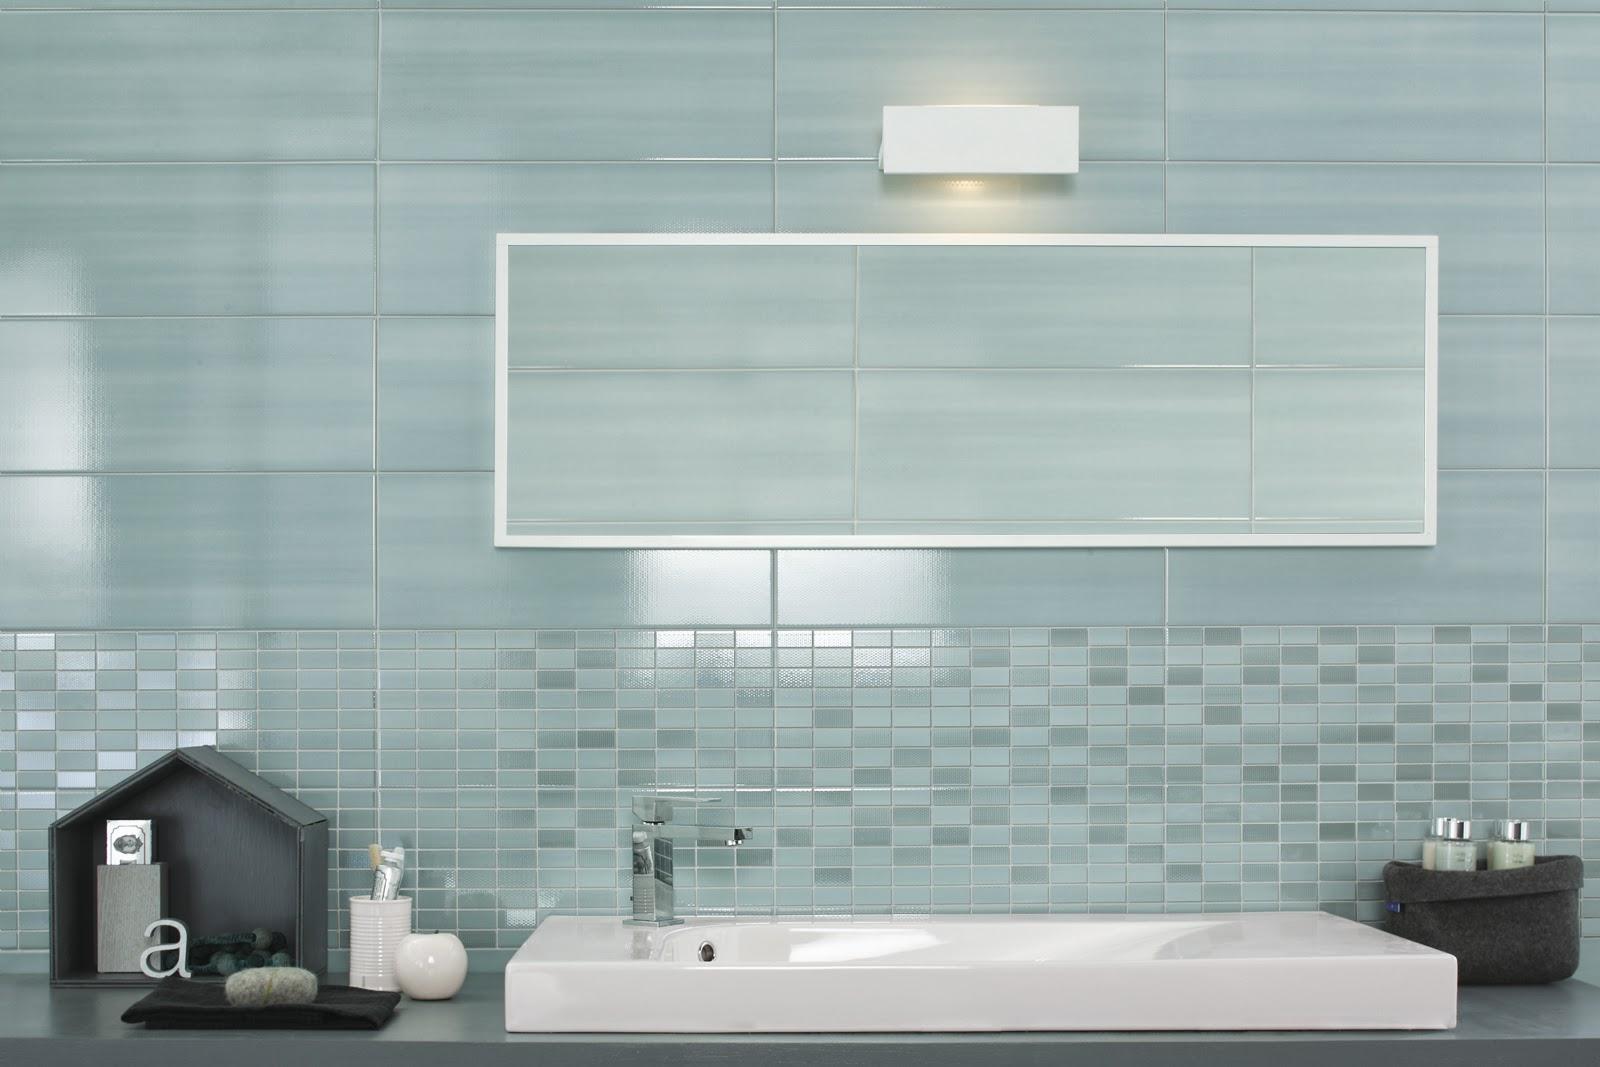 4bildcasa scegliere le piastrelle del bagno il colore - La piastrella 97 ...